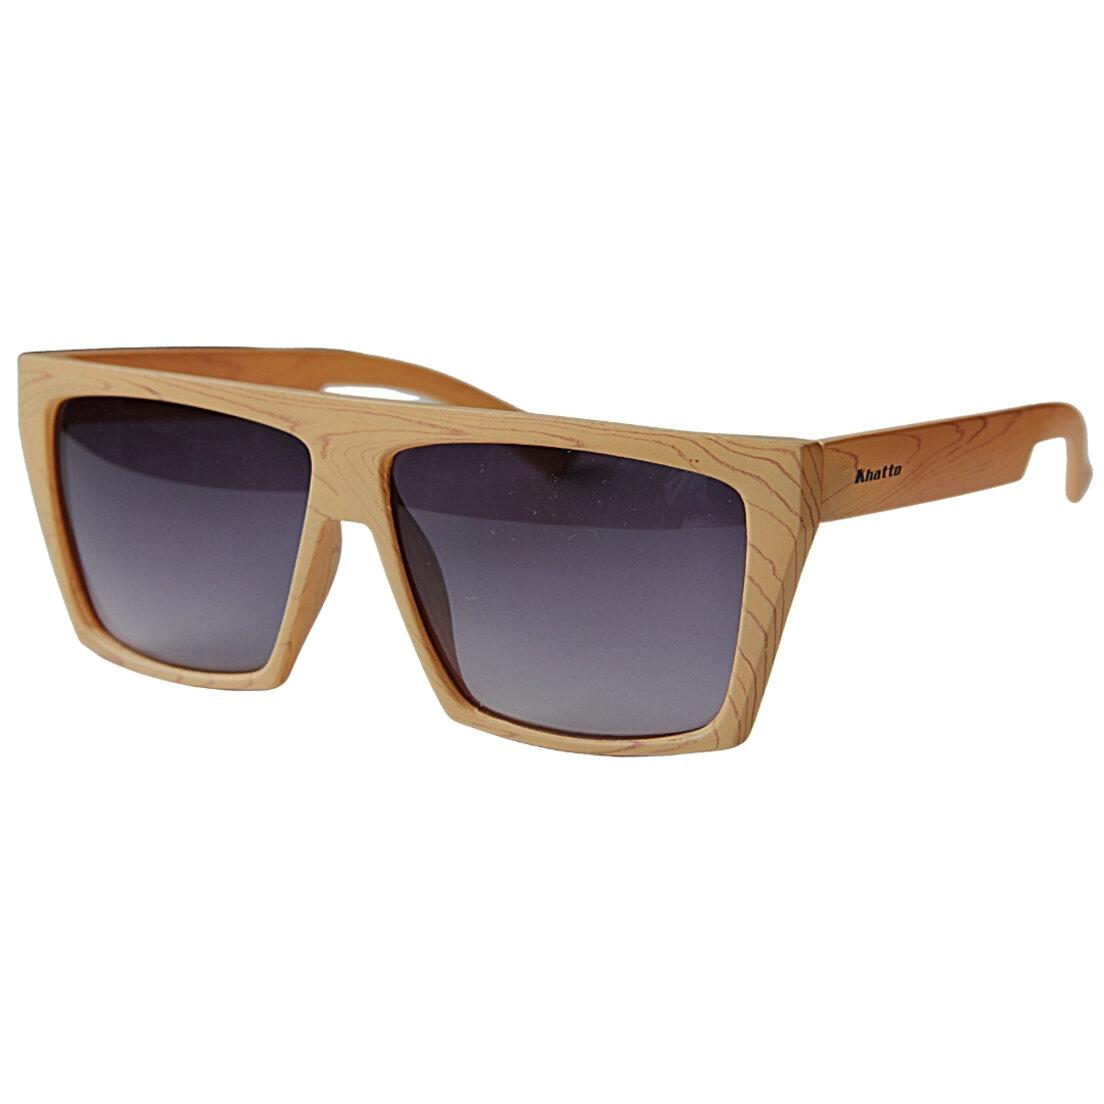 OUTLET - Óculos de Sol Khatto Square - Bege